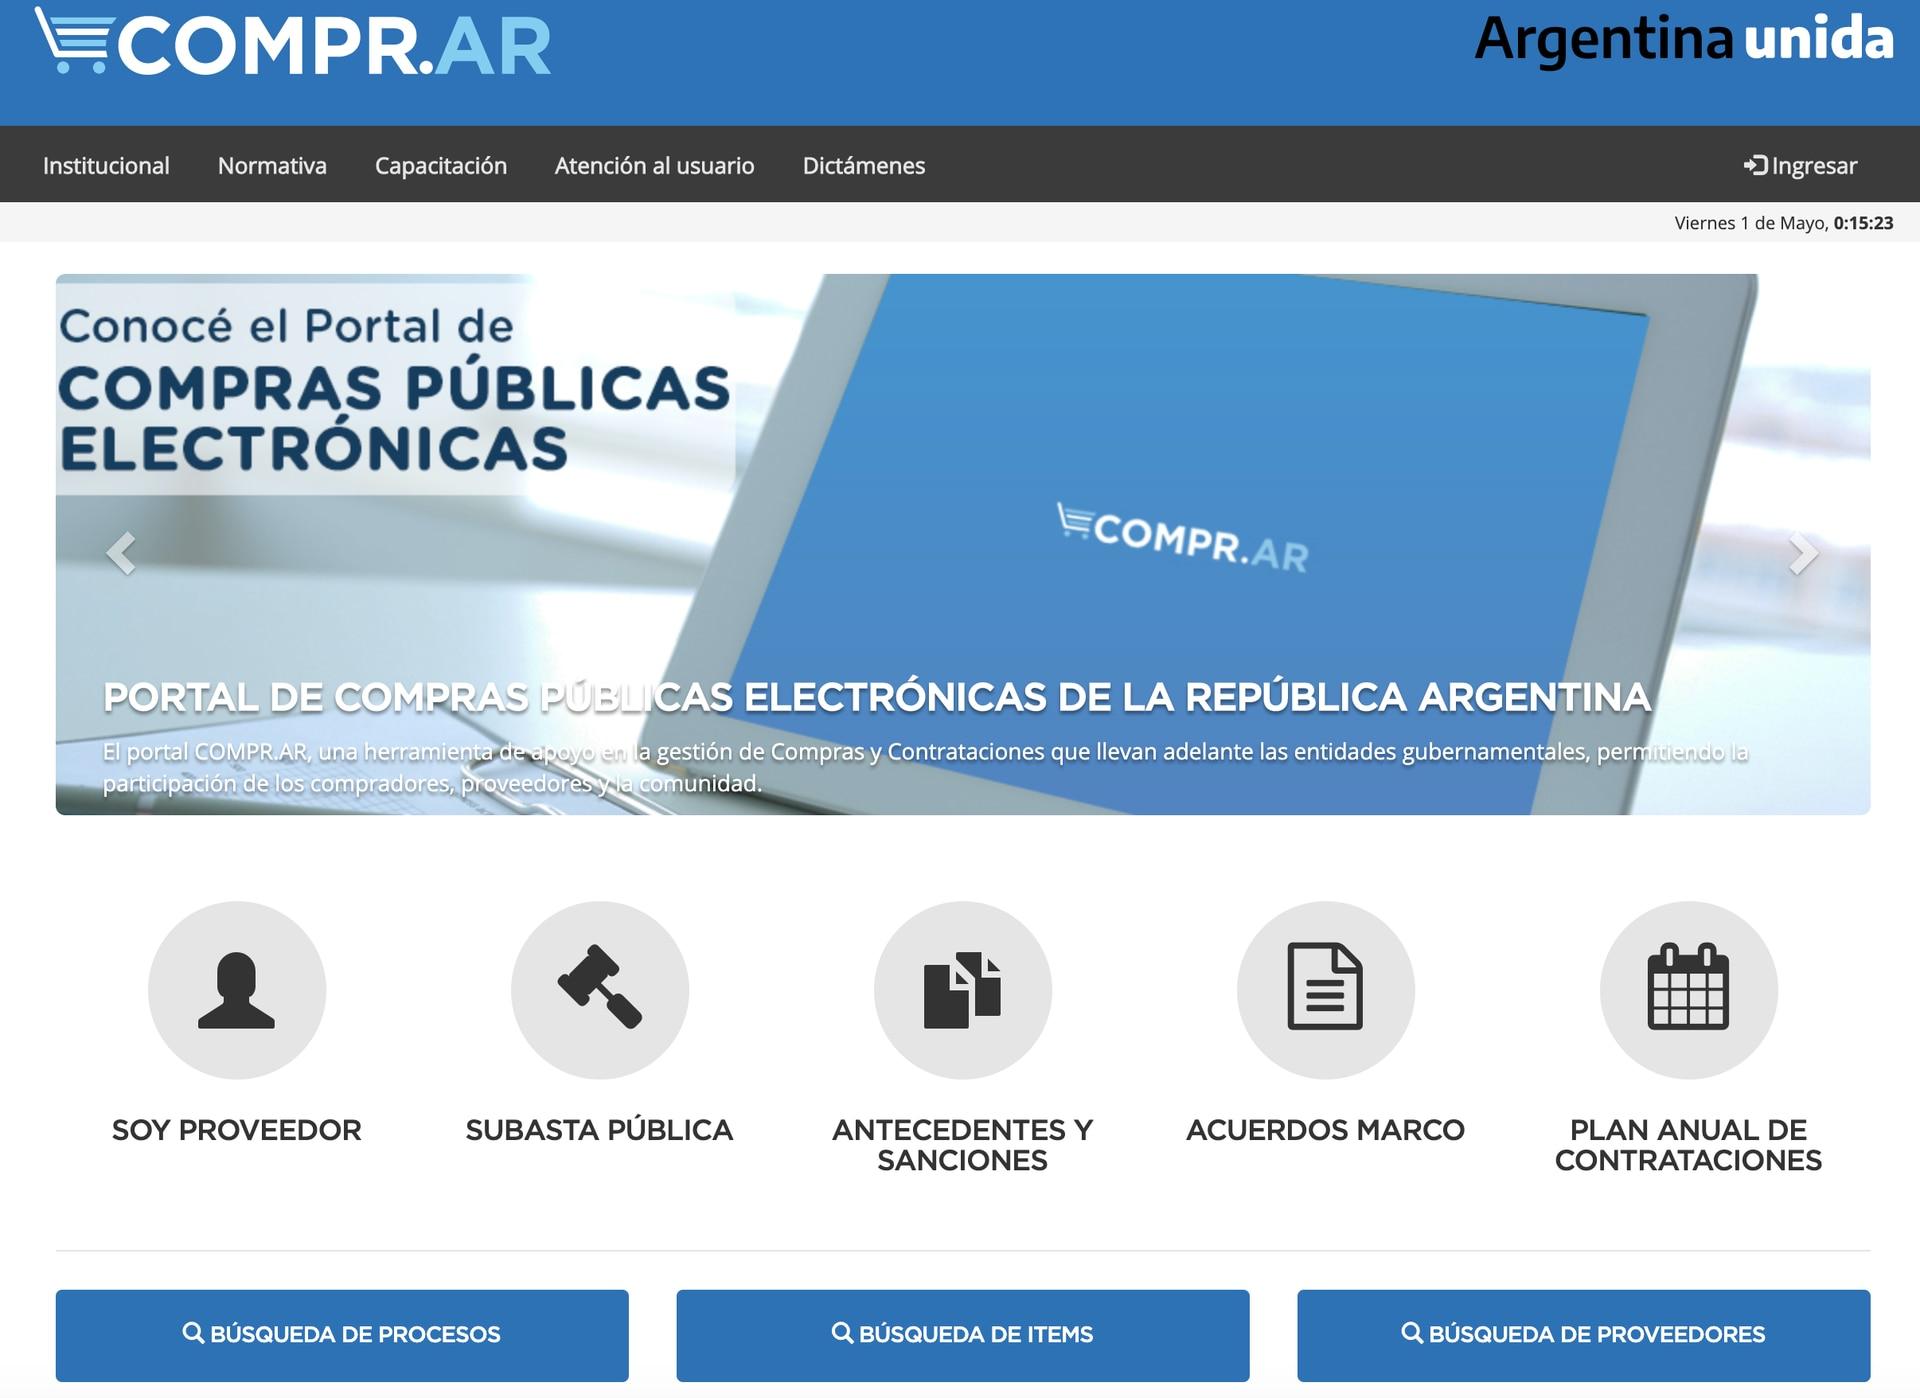 El Sistema Electrónico de Contrataciones, COMPR.AR